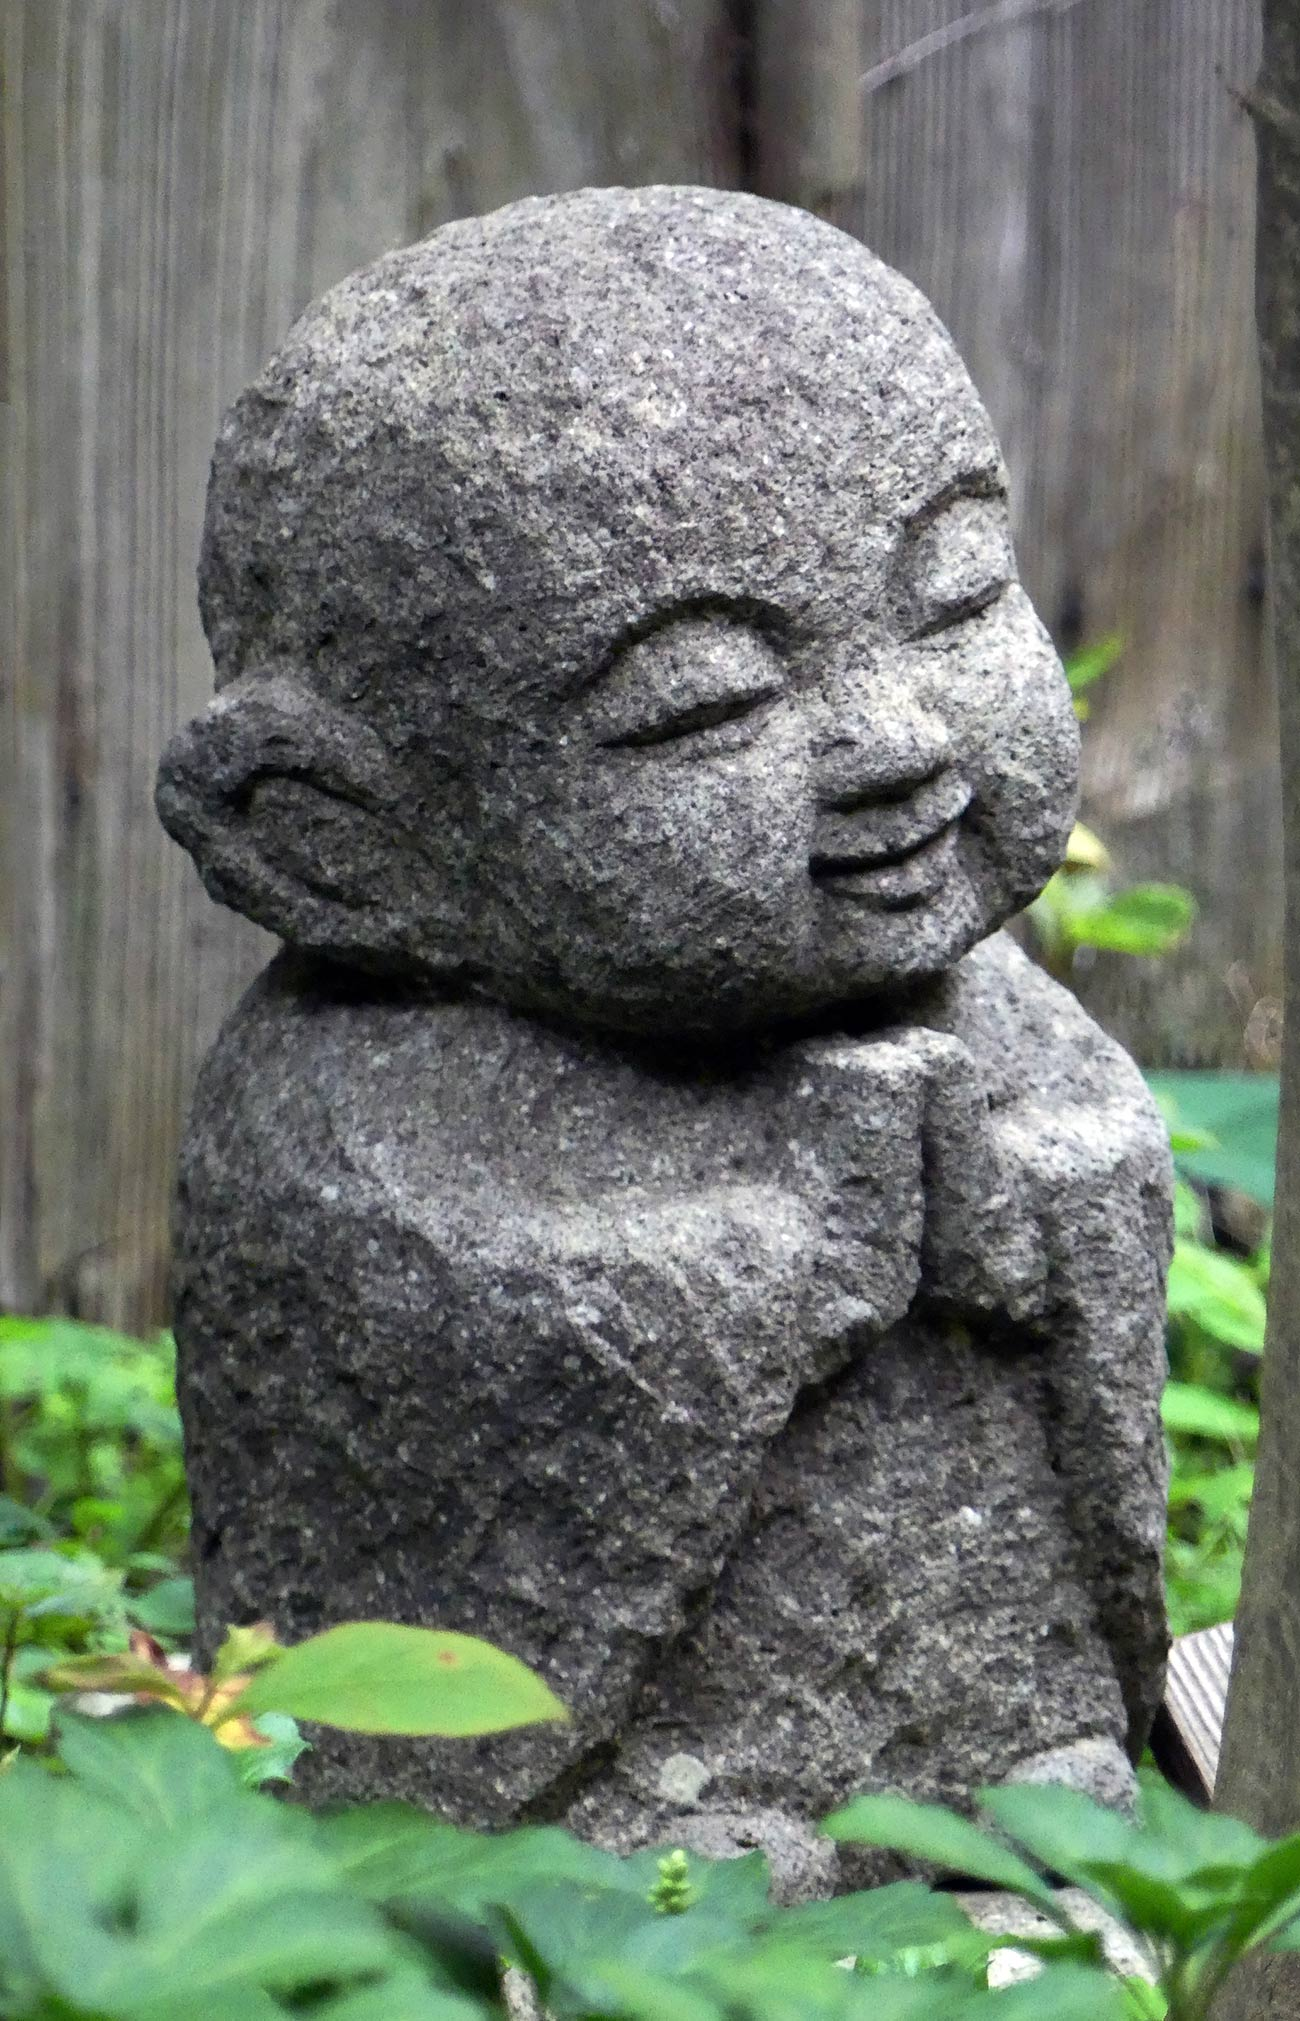 Bouddha japonais jizo - jardin japon - Architecte paysagiste concepteur - Atelier Naudier - Montpellier & Aix en Provence - aménagement jardin